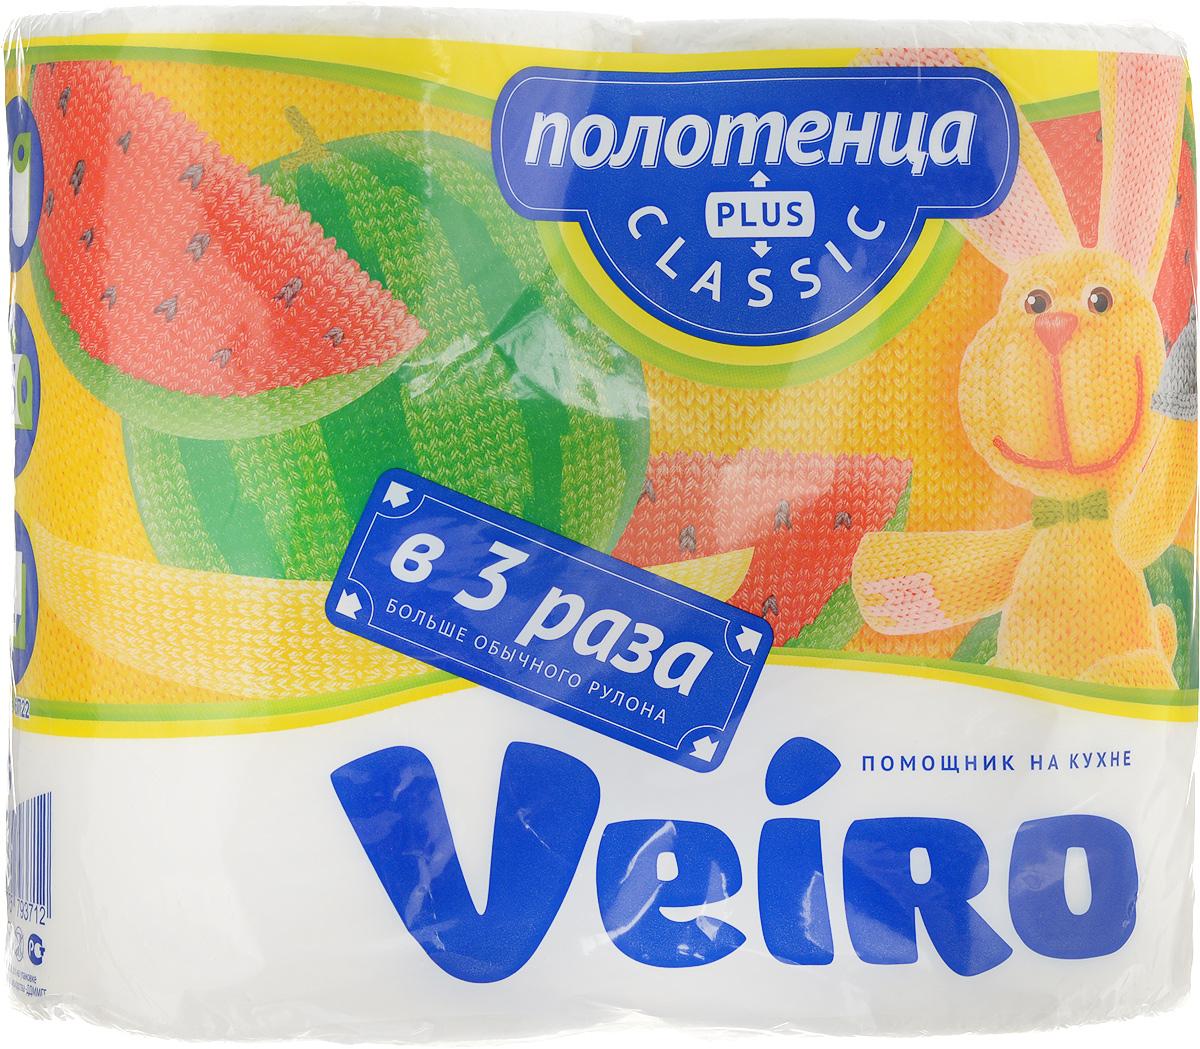 Полотенца бумажные Veiro Classic Plus, двухслойные, 2 рулона790009Двухслойные бумажные полотенца Veiro Classic Plus, выполненные из вторичного волокна, подарят превосходный комфорт и ощущение чистоты и свежести. Изделия просты в использовании, их нужно просто утилизировать после применения. Специальное тиснение улучшает способность материала впитывать влагу, что позволяет полотенцам еще лучше справляться со своей работой. Салфетки отрываются по специальной перфорации.Полотенца Veiro Classic Plus прекрасно подойдут для использования на вашей кухне. Количество рулонов: 2 шт. Количество слоев: 2. Длина рулона: 37,5 м.Размер листа: 22 х 25 см.